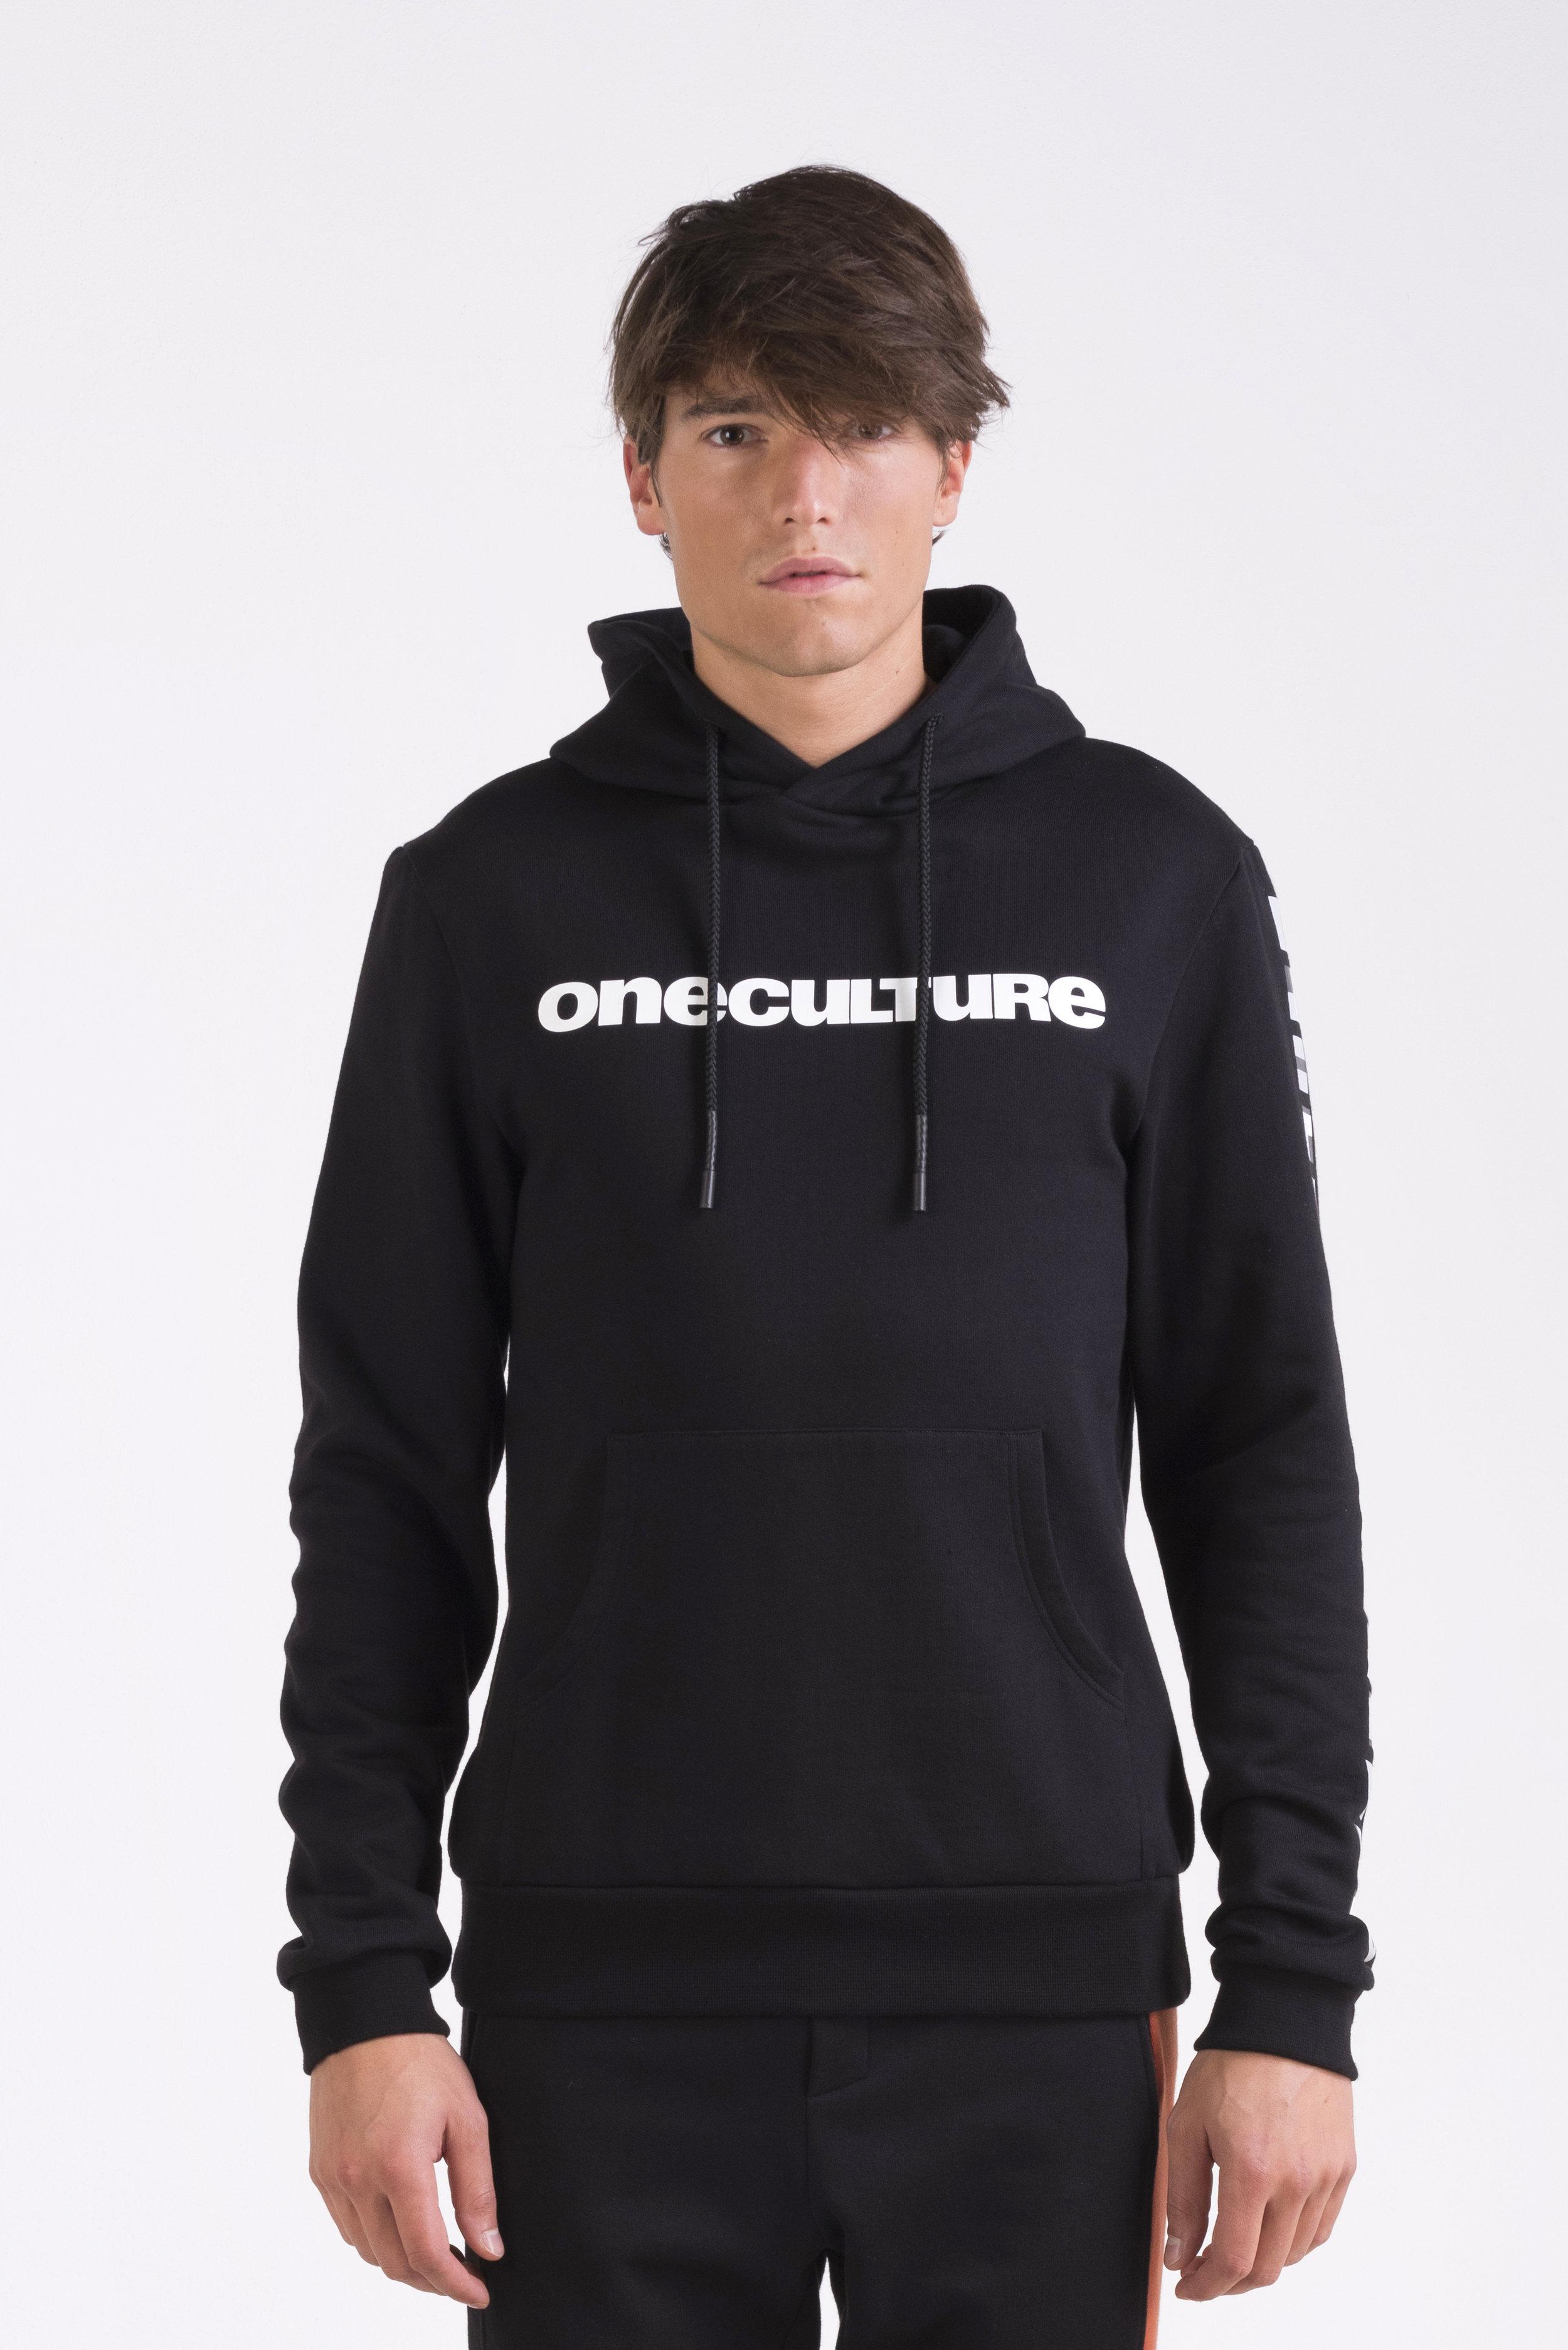 oneculture Hoodie alphabet black 2.jpg